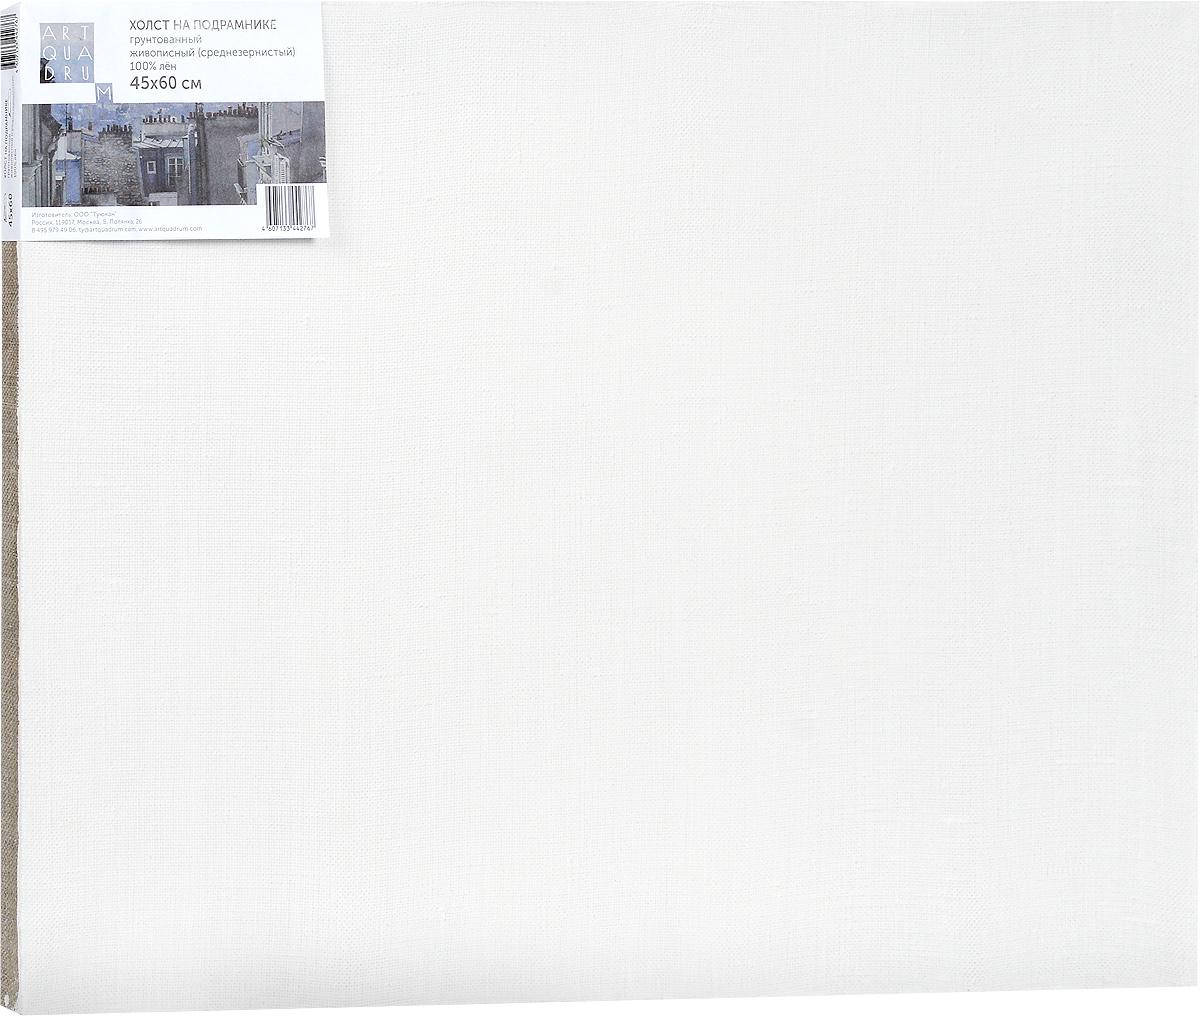 Холст ArtQuaDram Живописный на подрамнике, грунтованный, 45 х 60 смТ0003750Холст на деревянном подрамнике ArtQuaDram Живописный изготовлен из 100% натурального льна. Подходит для профессионалов и художников. Холст не трескается, не впитывает слишком много краски, цвет краски и качество не изменяются. Холст идеально подходит для масляной и акриловой живописи.